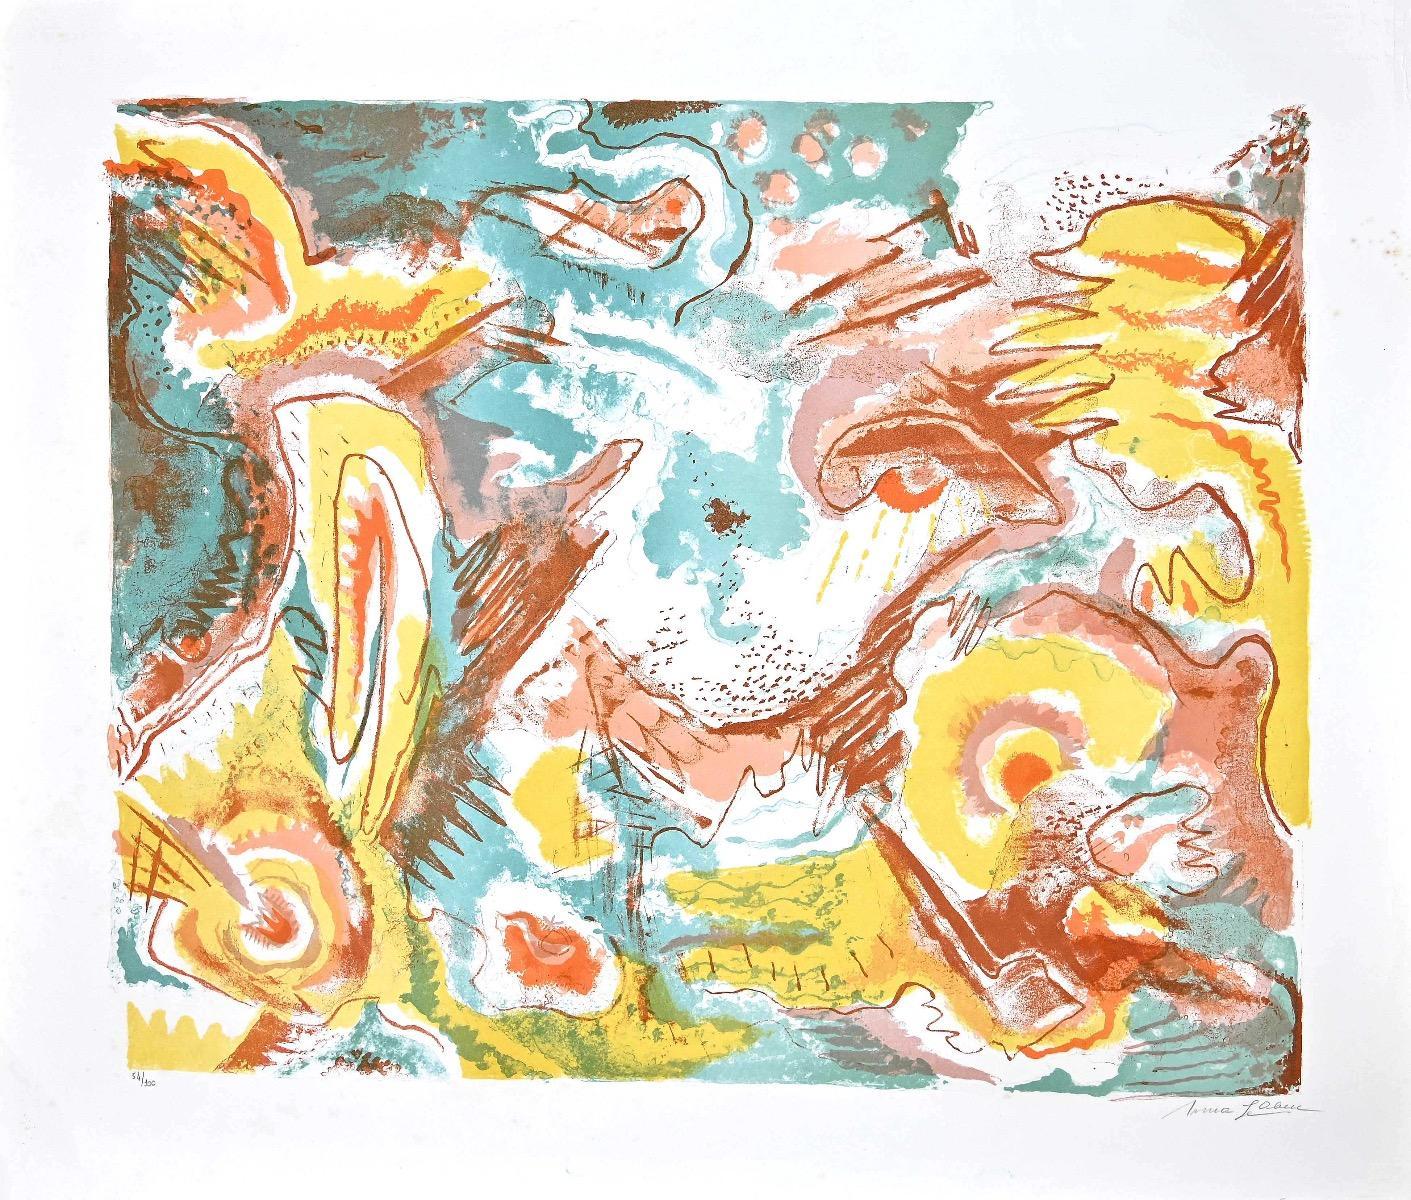 Surrealistic Composition - Original Lithograph by Le Oben - 1970s